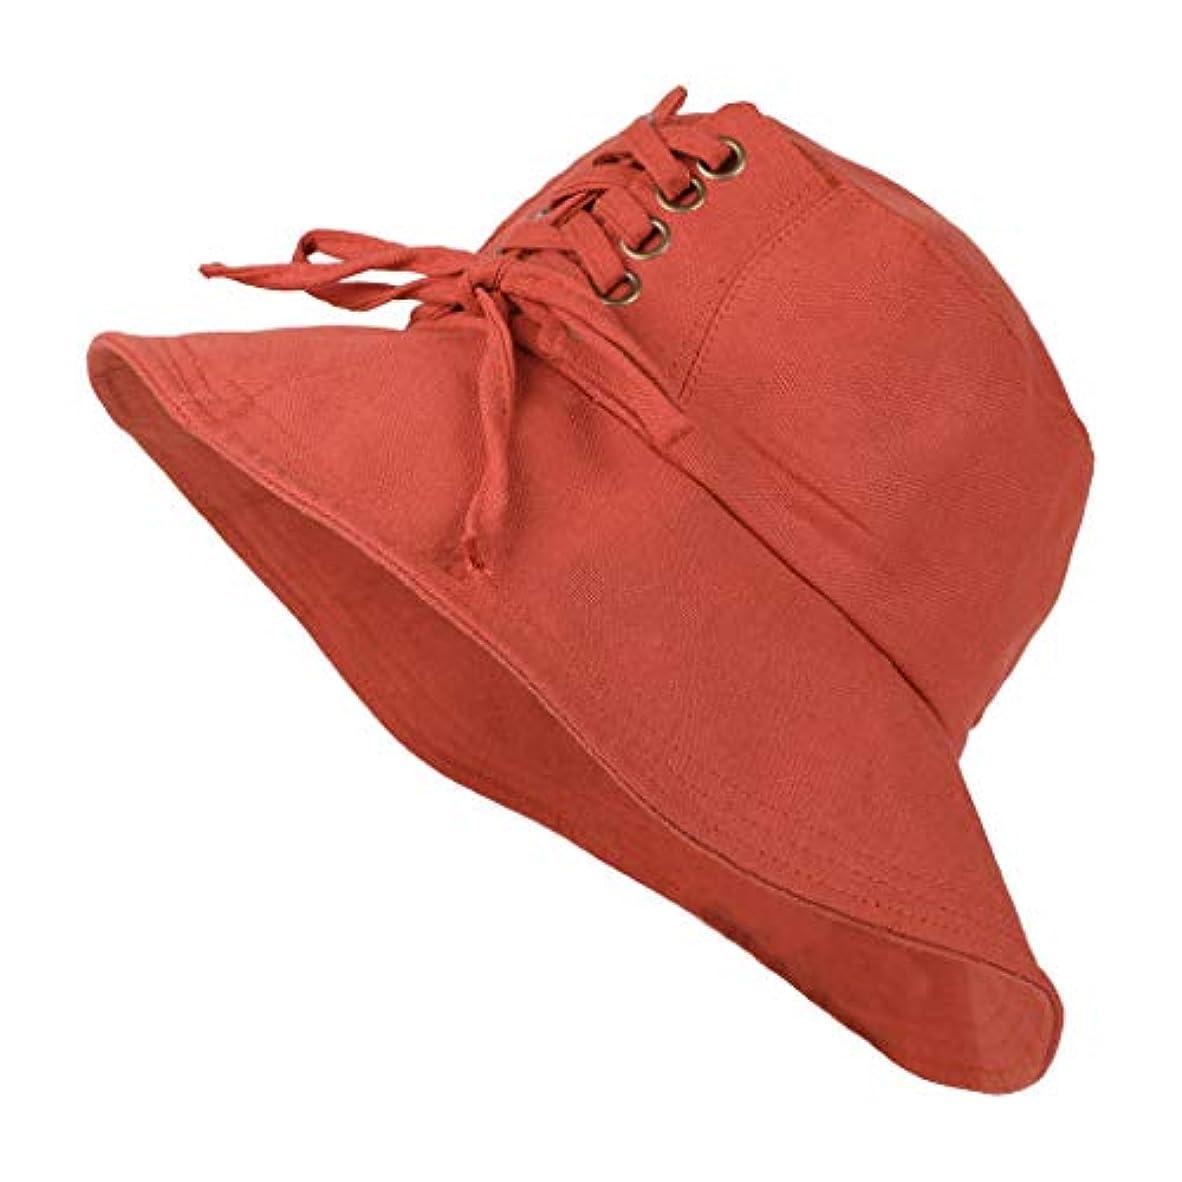 運搬作り珍しいUVカット 帽子 レディース 日よけ 帽子 レディース ハット つば広 ハット日よけ 折りたたみ 夏季 女優帽 小顔効果抜群 日よけ 小顔 UV対策 おしゃれ 可愛い ハット ニット帽 キャップ レディース ROSE ROMAN